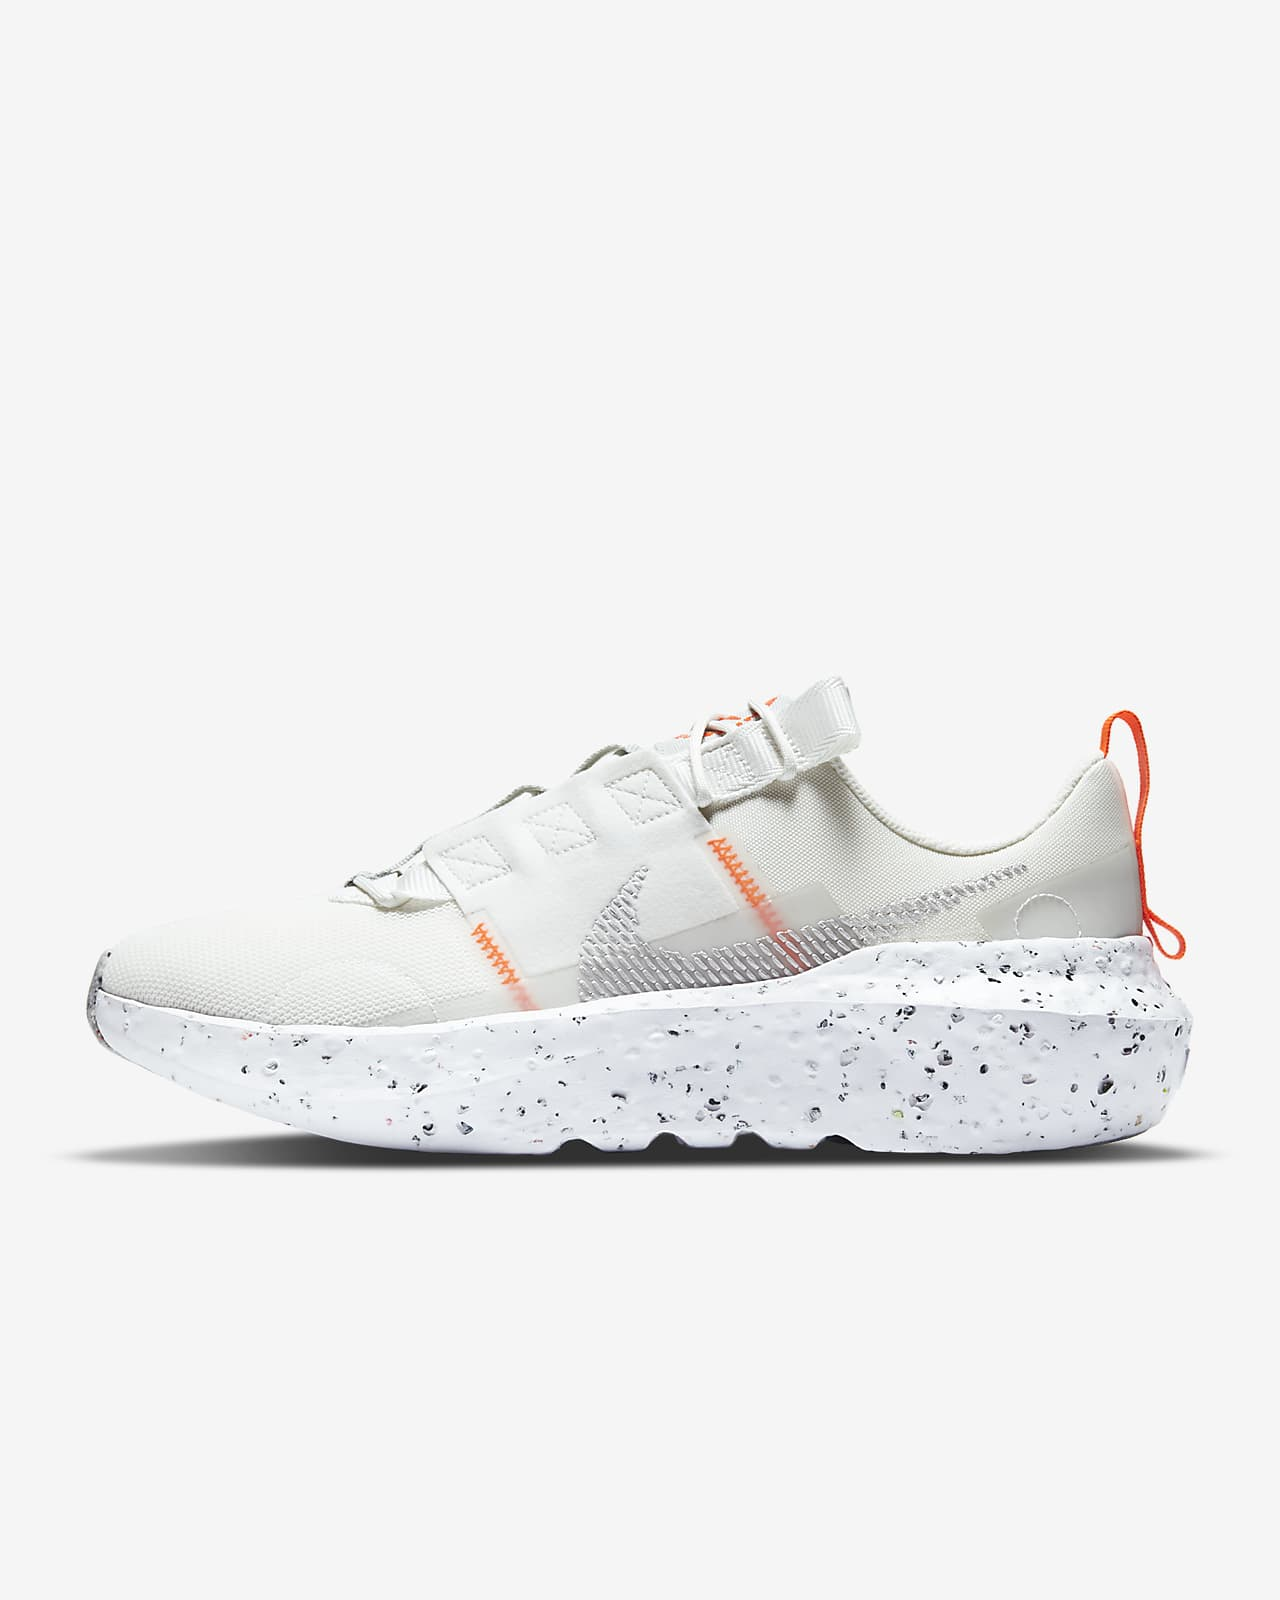 รองเท้าผู้ชาย Nike Crater Impact